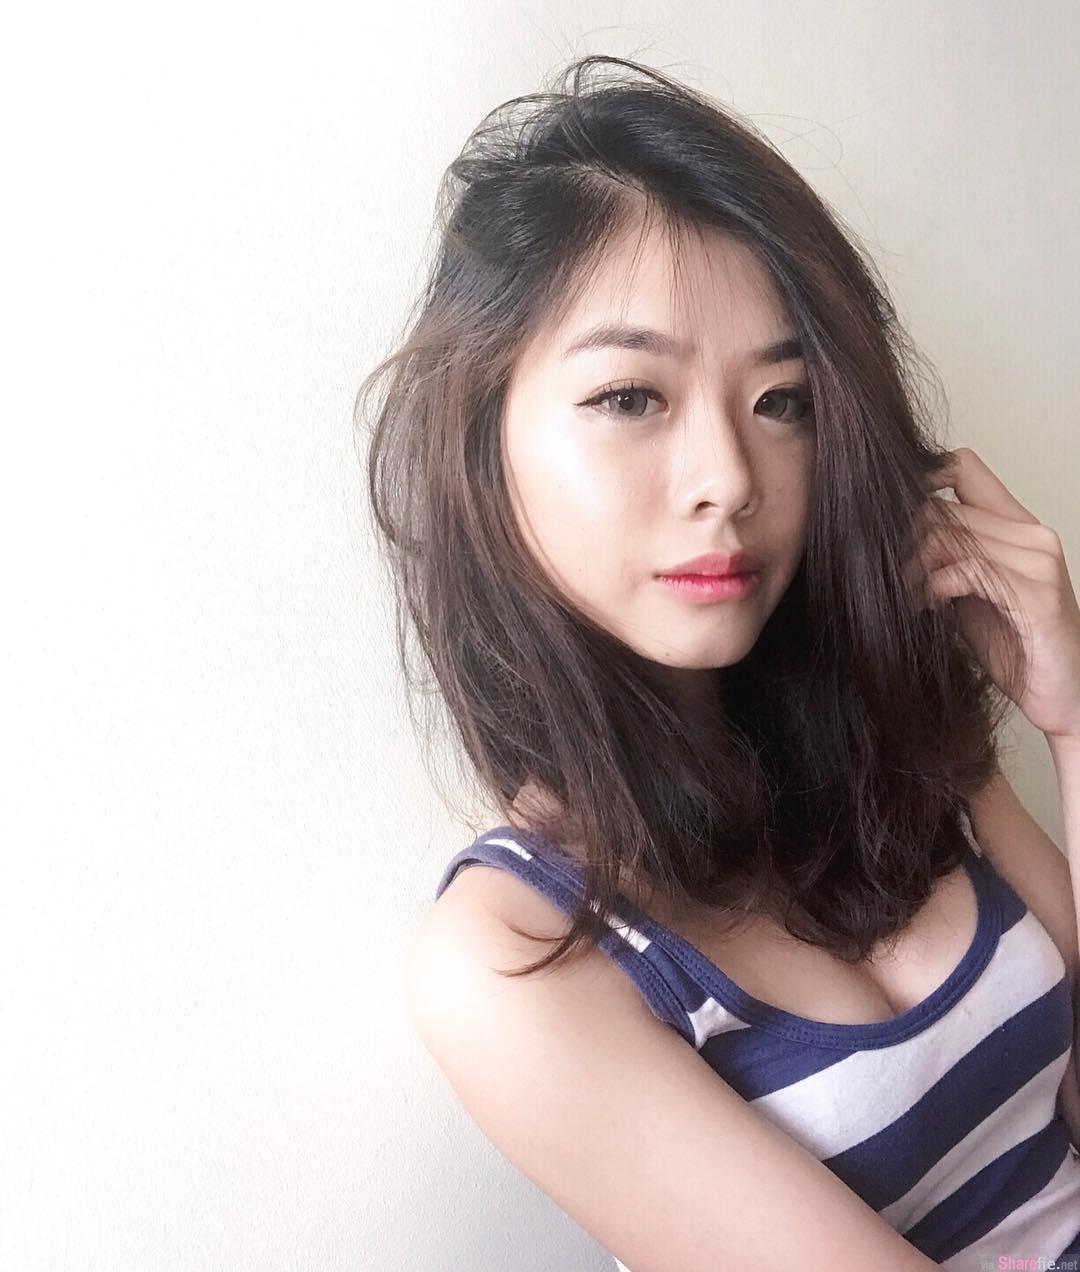 星国蛋糕女孩Noel Lin,清新自然